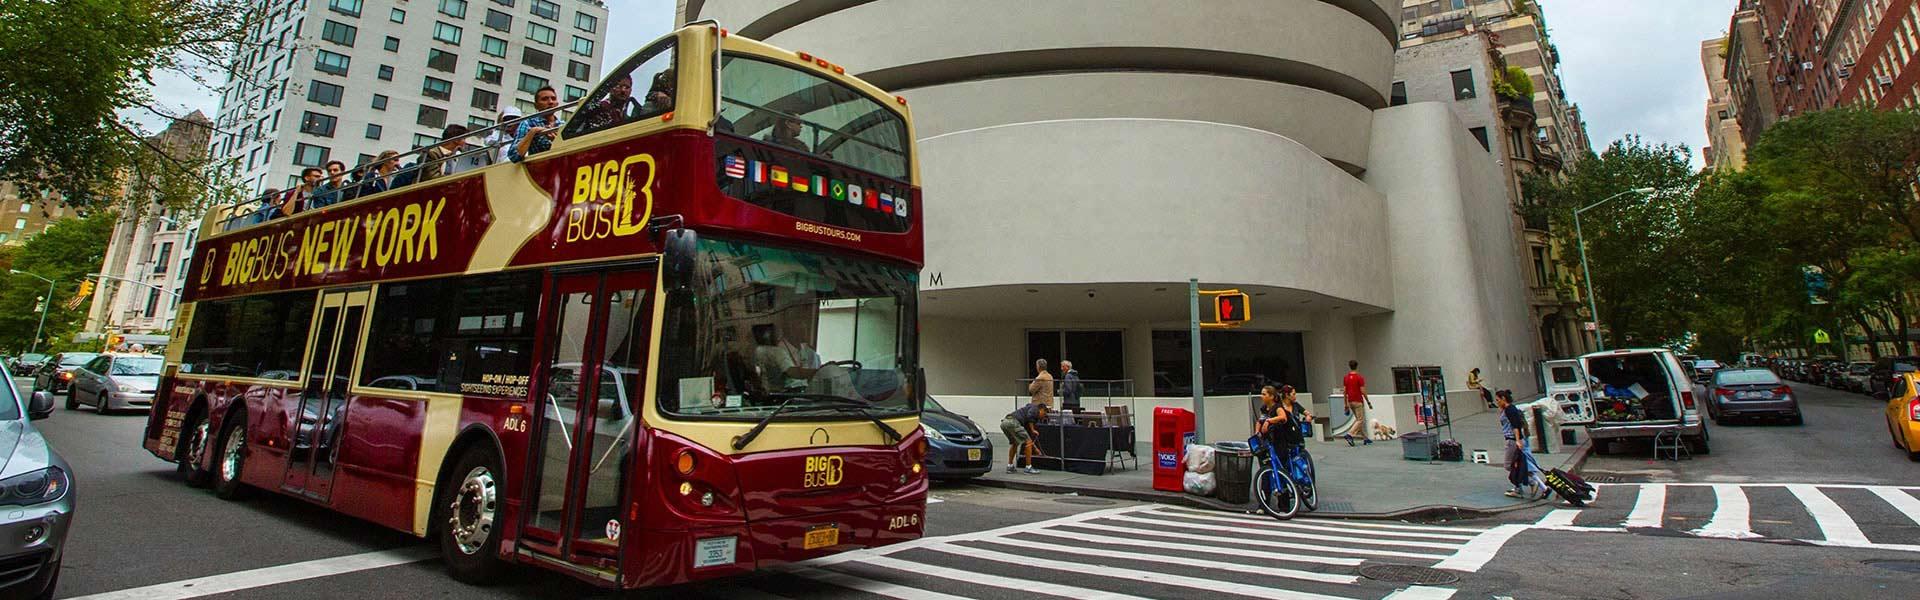 Tour turístico en autobús descapotable de Big Bus en Nueva York